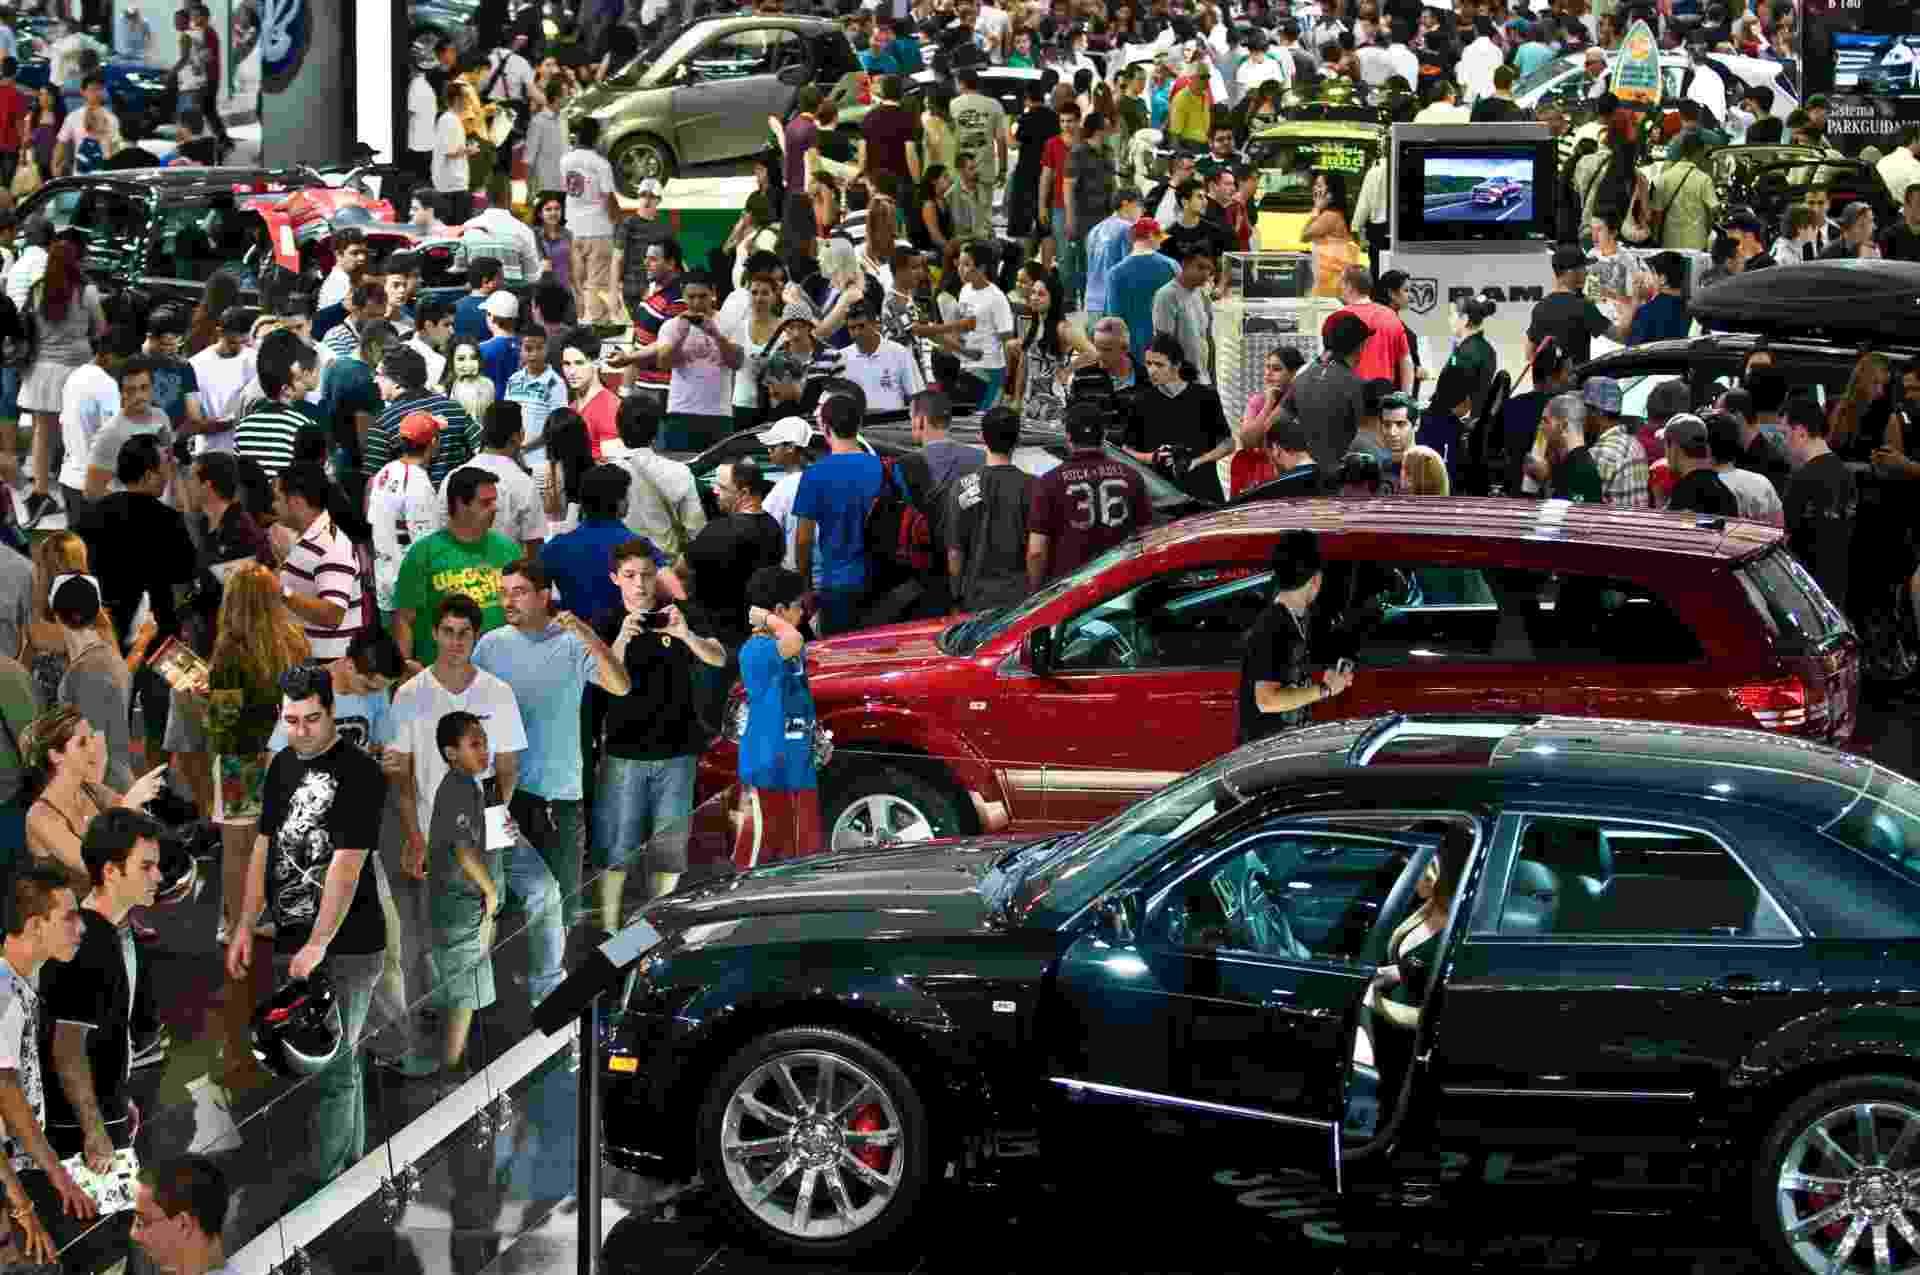 Movimento do público no último dia do Salão do Automóvel, no Anhembi, em São Paulo (SP). (Foto: Alessandro Shinoda/Folhapress, MERCADO) - Alessandro Shinoda/Folhapress, MERCADO